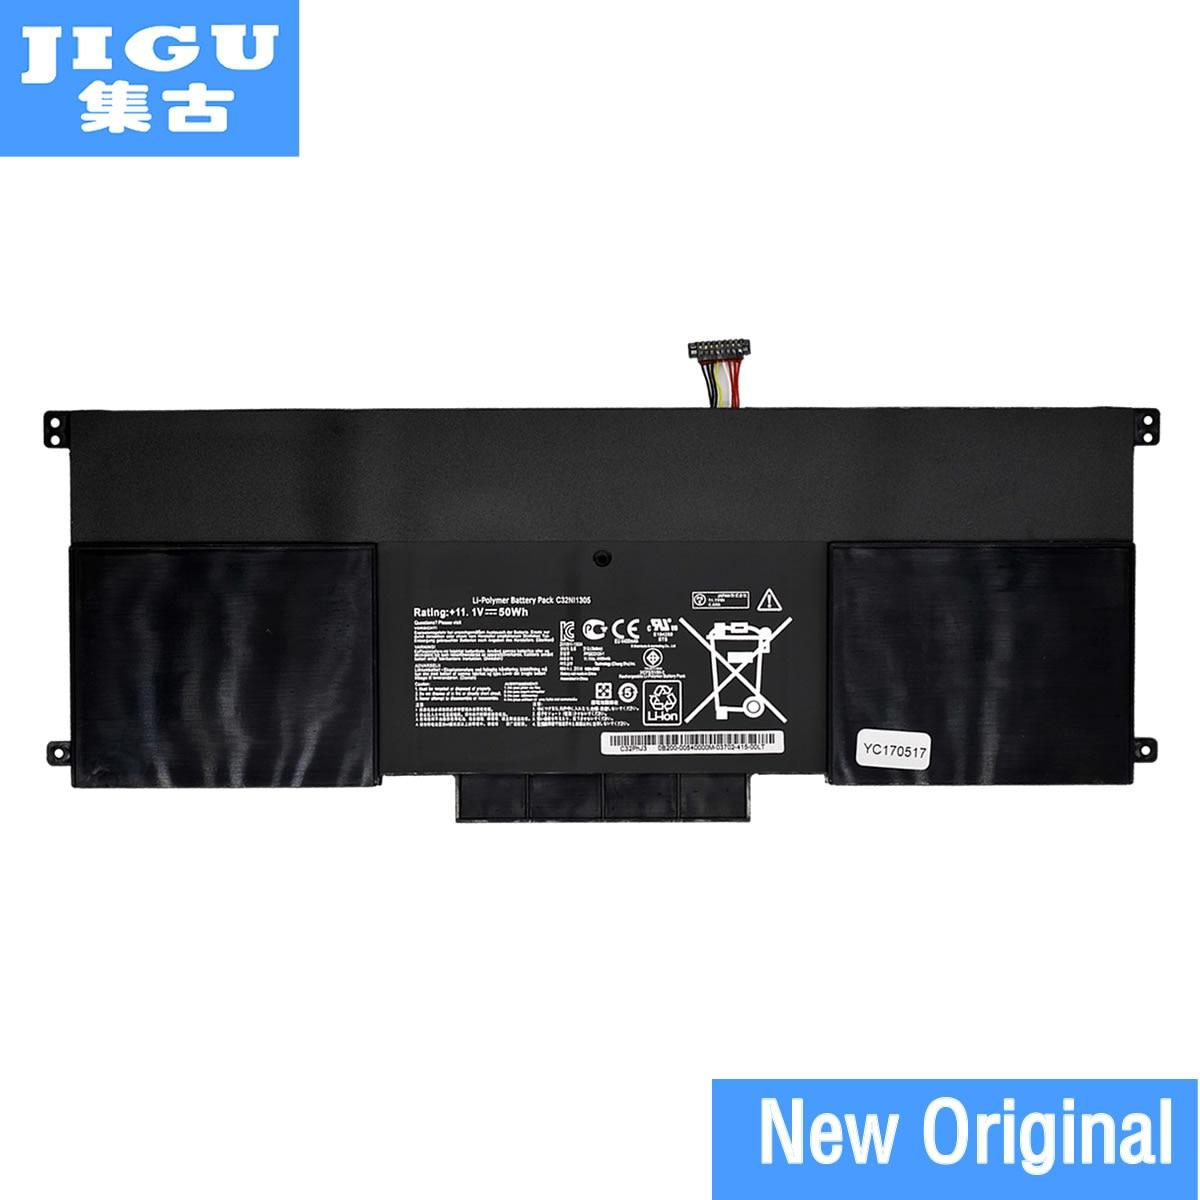 jigu laptop battery c41n1337 for asus portable aio pt2001 15v JIGU laptop battery FOR ASUS C32N1305 C32NI305 UX301LA for Zenbook UX301L UX301LA UX301LA4500